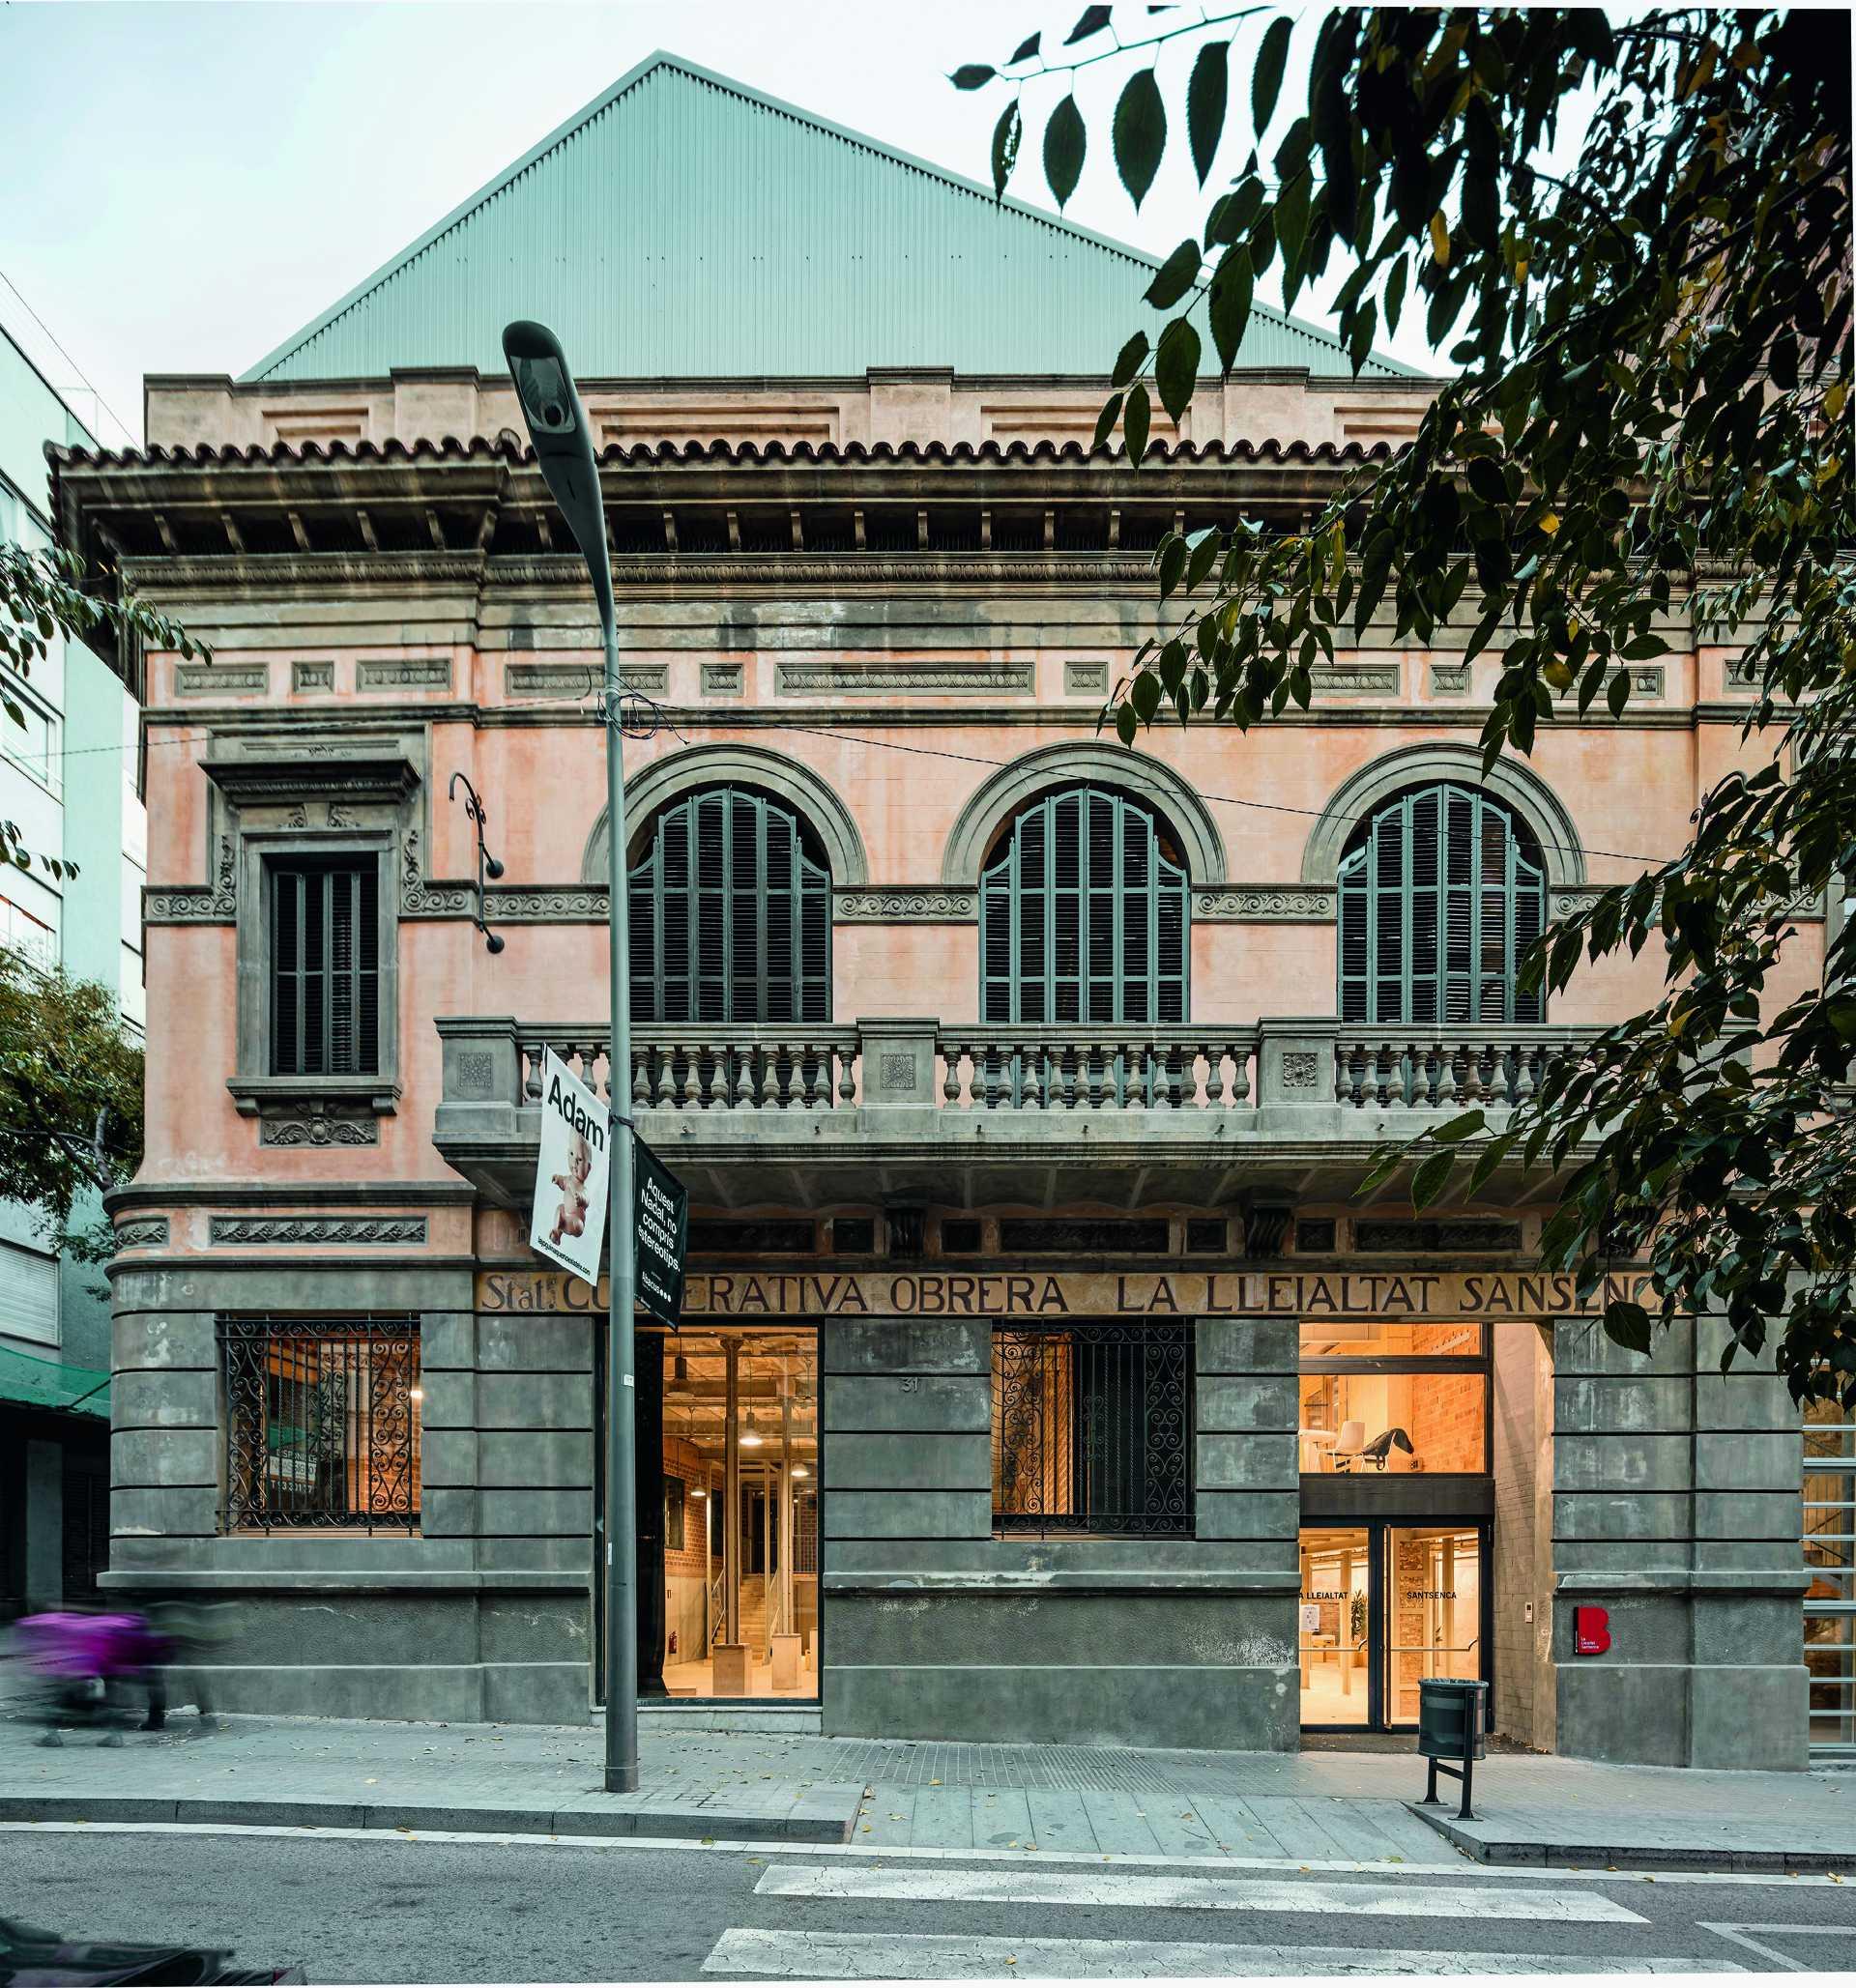 Civic Centre  Lleialtat Santsenca 1214  - 3 1 30